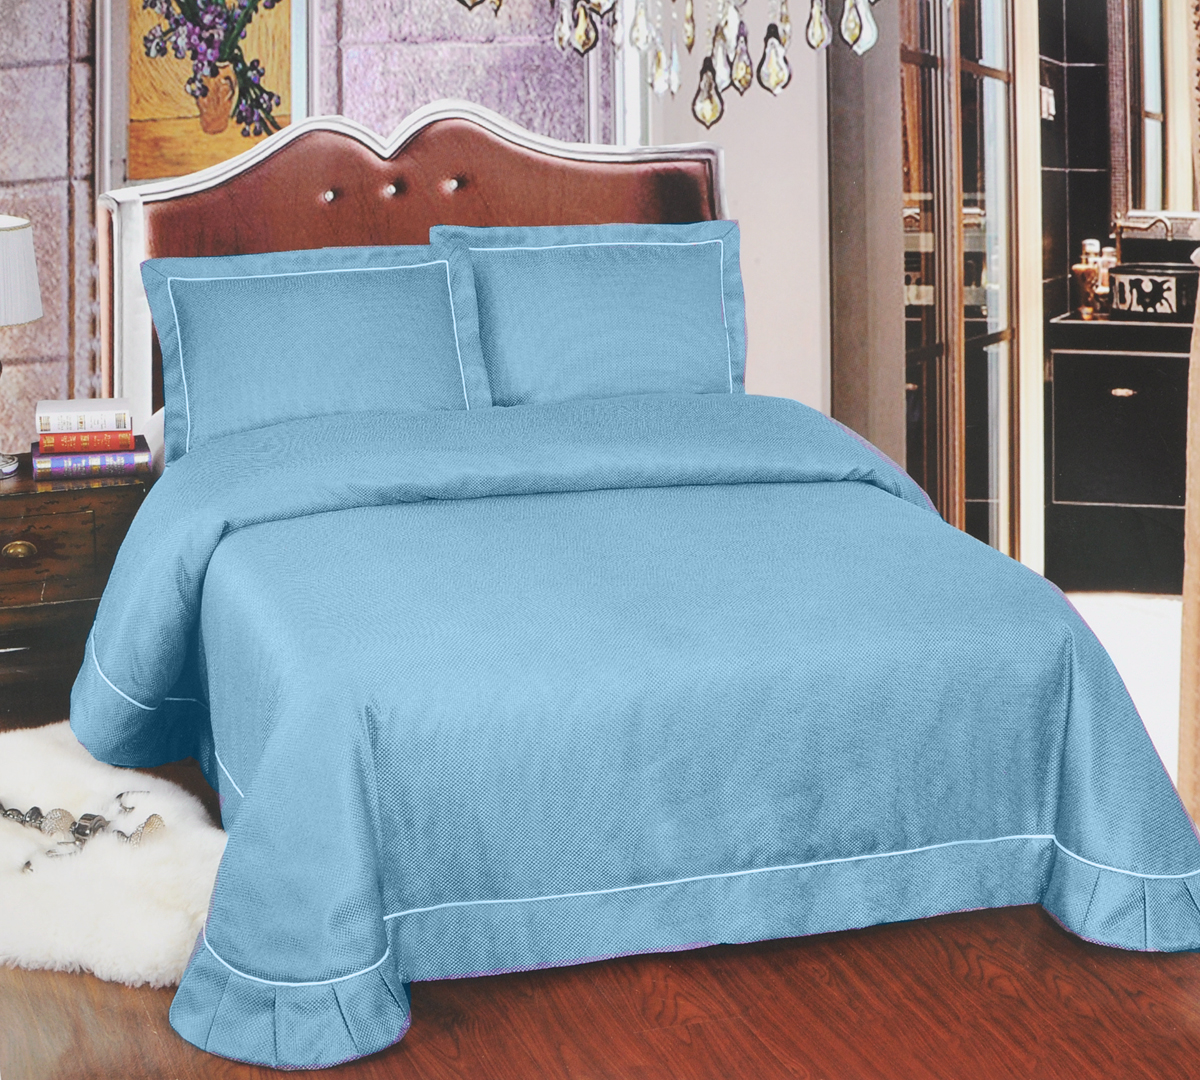 Комплект для спальни Arya Girona: покрывало 250 х 260 см, 2 наволочки 50 х 70 см, цвет: голубойES-412Изысканный комплект для спальни Arya Girona состоит из покрывала и двух наволочек. Изделия выполнены из высококачественного полиэстера, легкие, прочные и износостойкие. Ткань матовая, что придает ей очень большое сходство с хлопком.Комплект Arya Girona - это отличный способ придать спальне уют и комфорт.Размер покрывала: 250 х 260 см.Размер наволочки: 50 х 70 см.